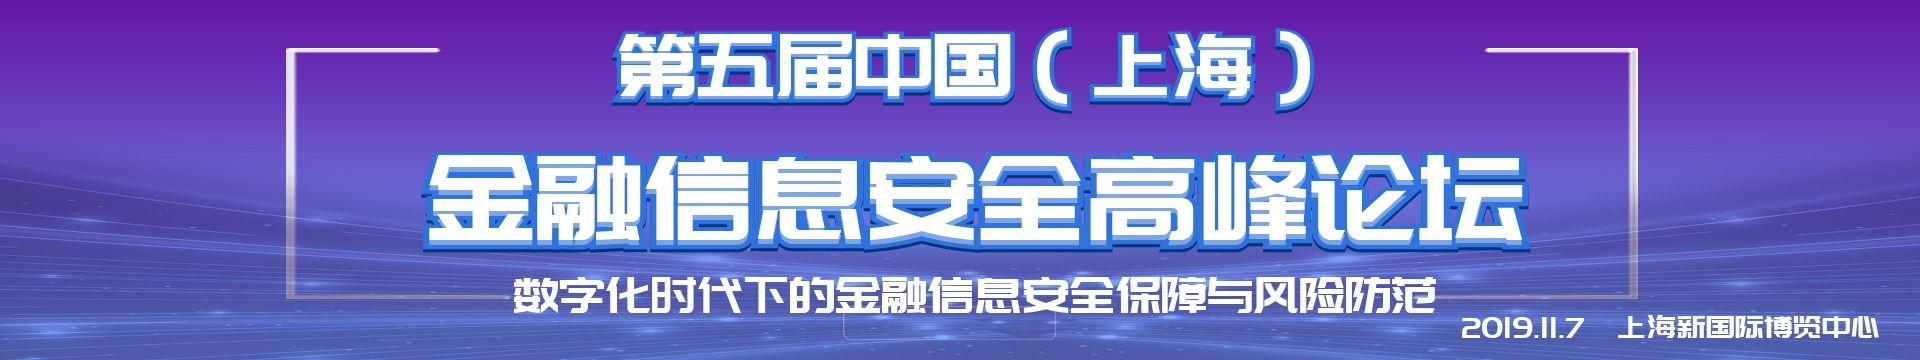 2019第五届中国上海金融信息安全高峰论坛